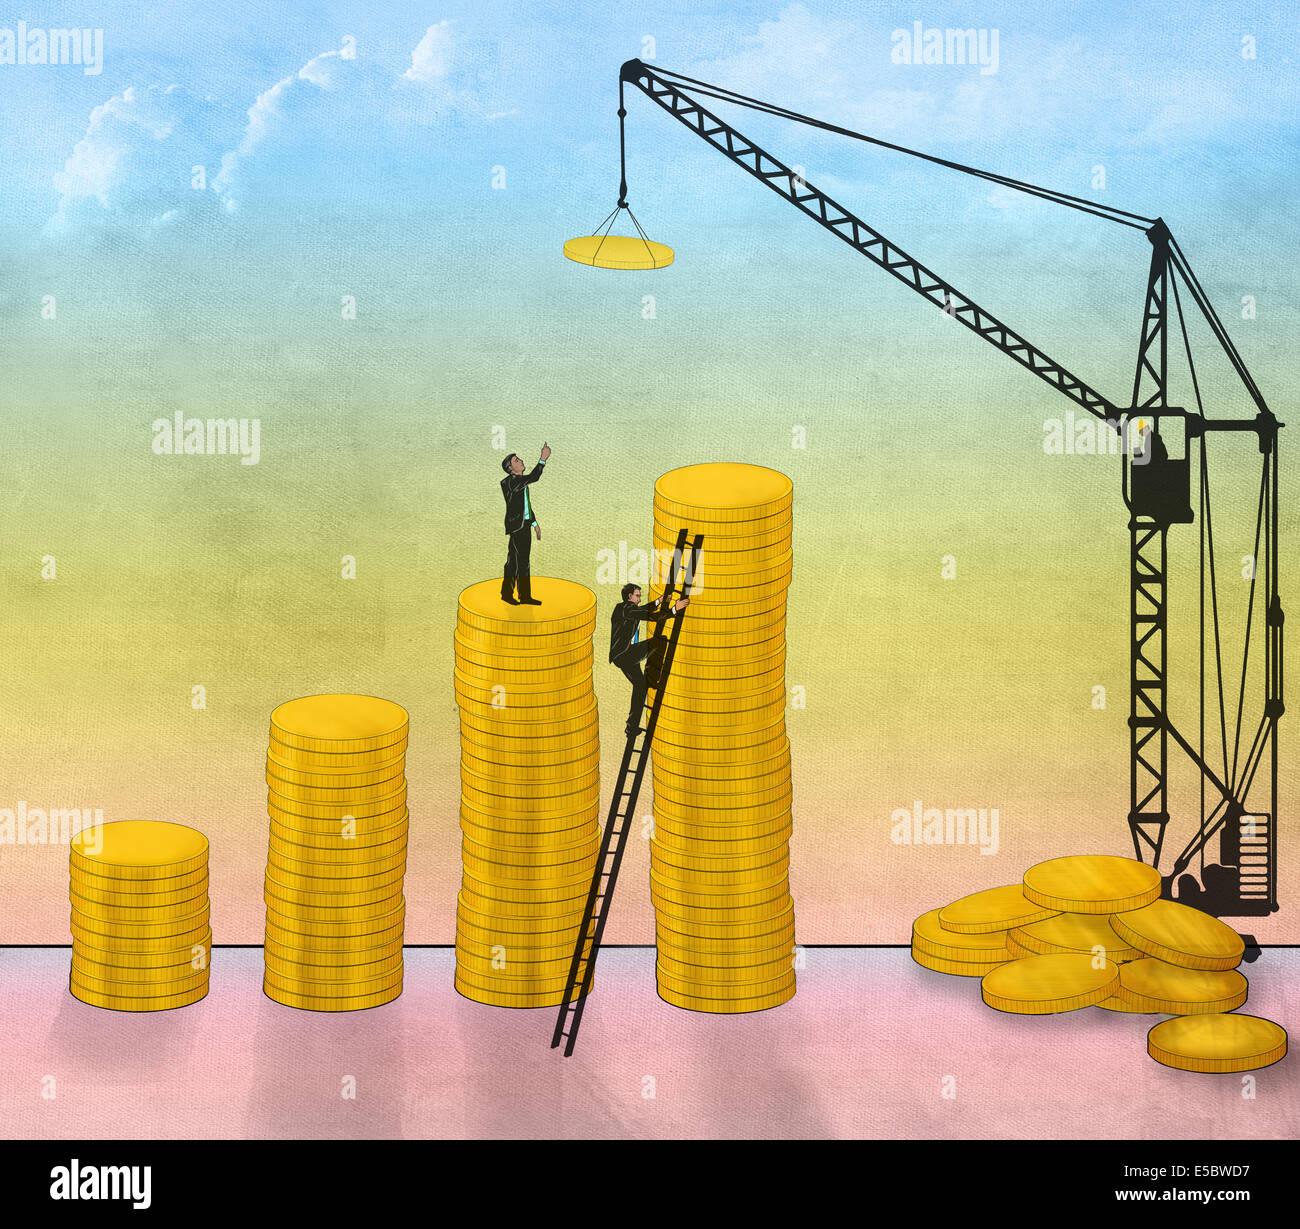 Image d'illustration de la construction d'affaires coin graphique à barre qui représente le développement Photo Stock